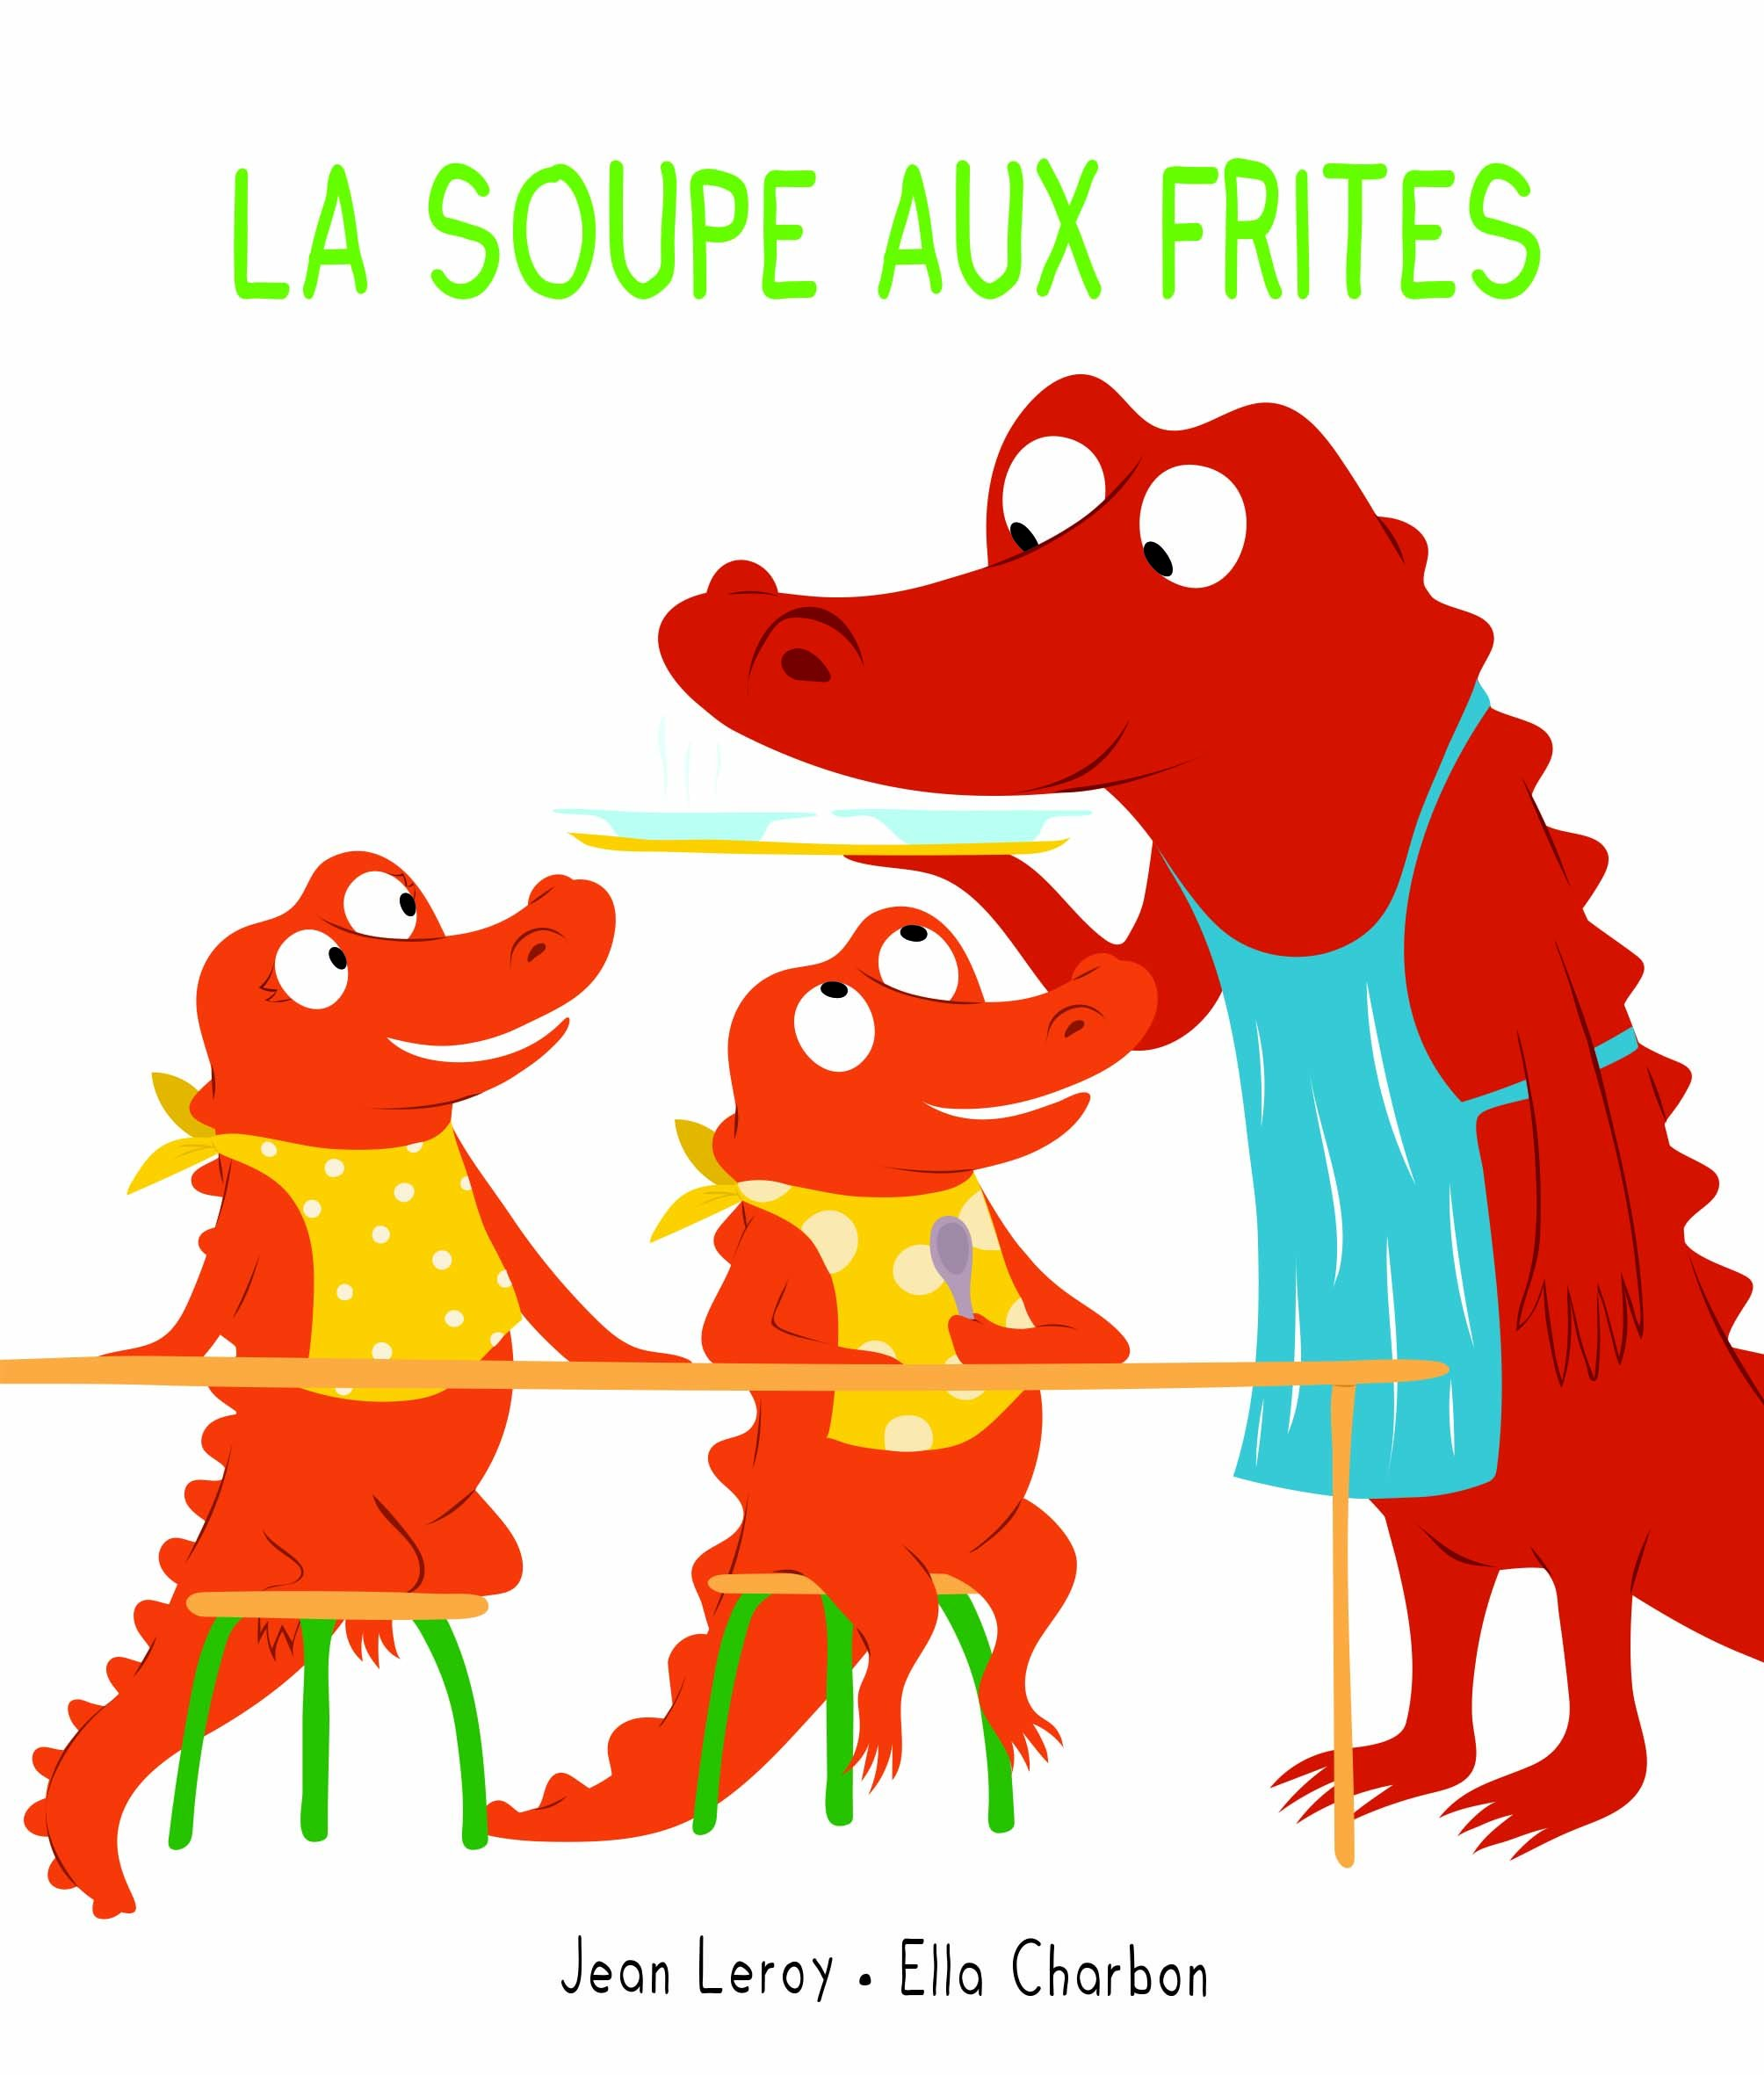 La soupe aux frites - Livre pour enfants